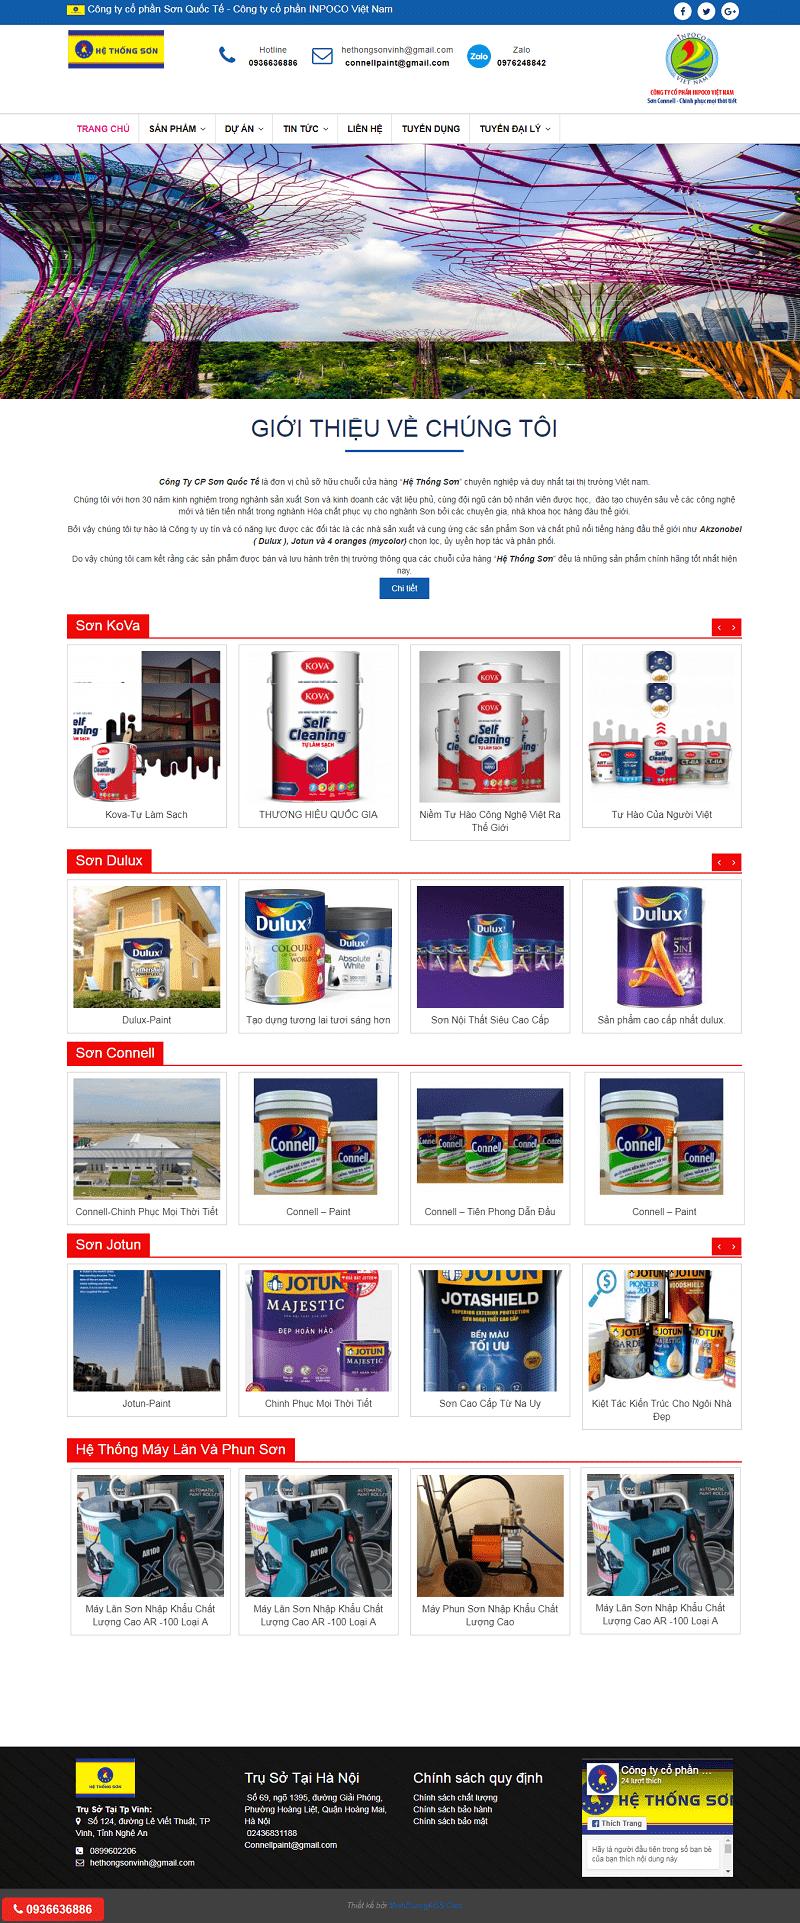 Thiết kế website bán sơn chuyên nghiệp chuẩn seo tại Minh Dương ads